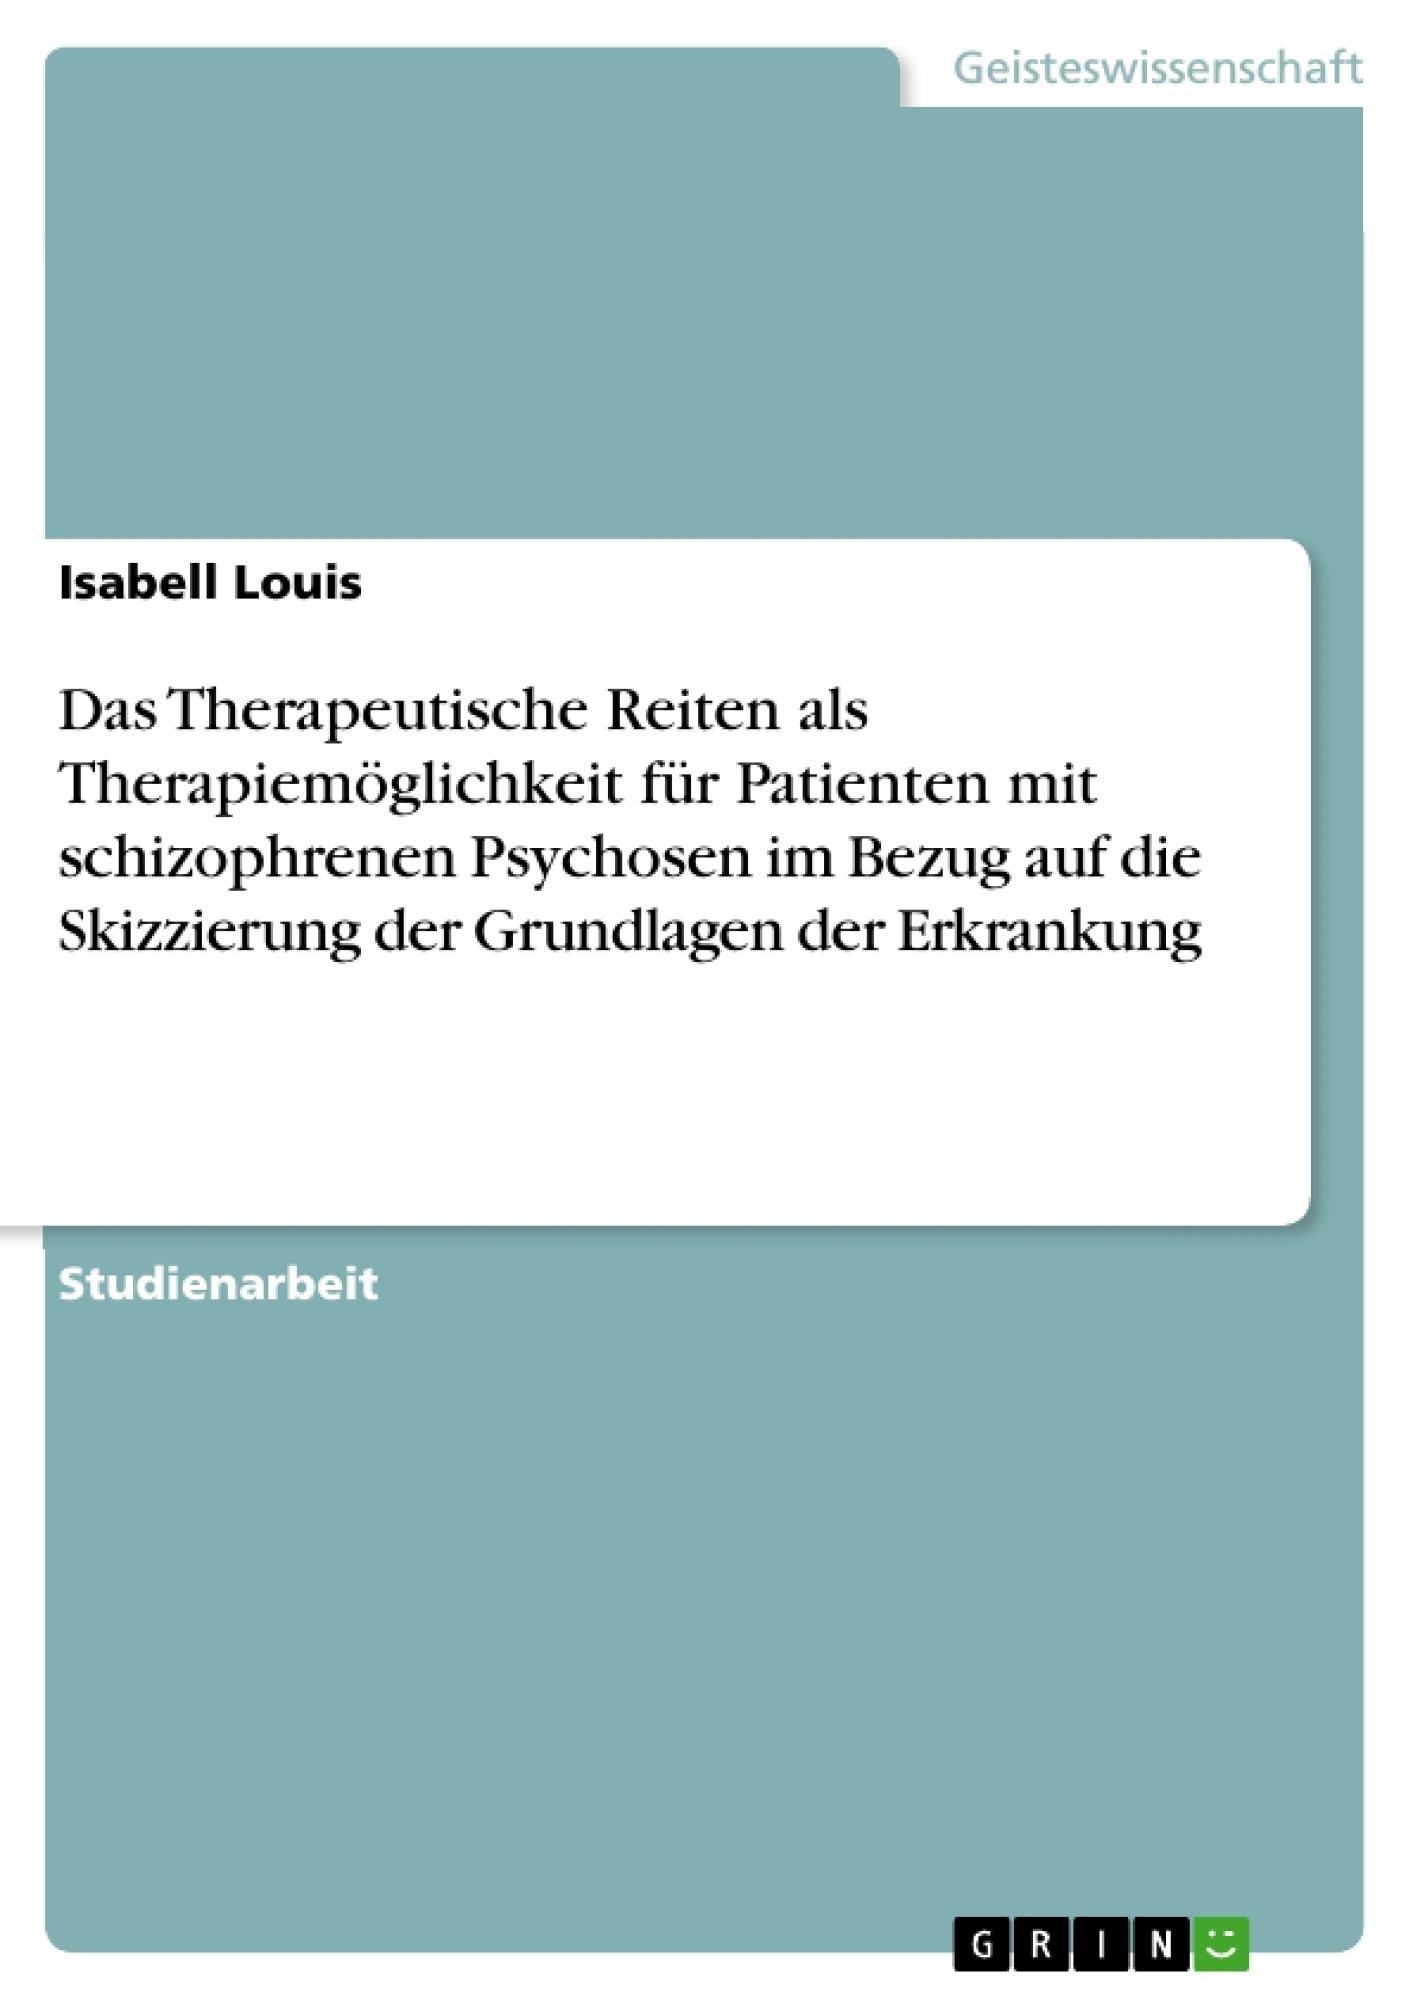 Titel: Das Therapeutische Reiten als Therapiemöglichkeit für Patienten mit schizophrenen Psychosen im Bezug auf die Skizzierung der Grundlagen der Erkrankung